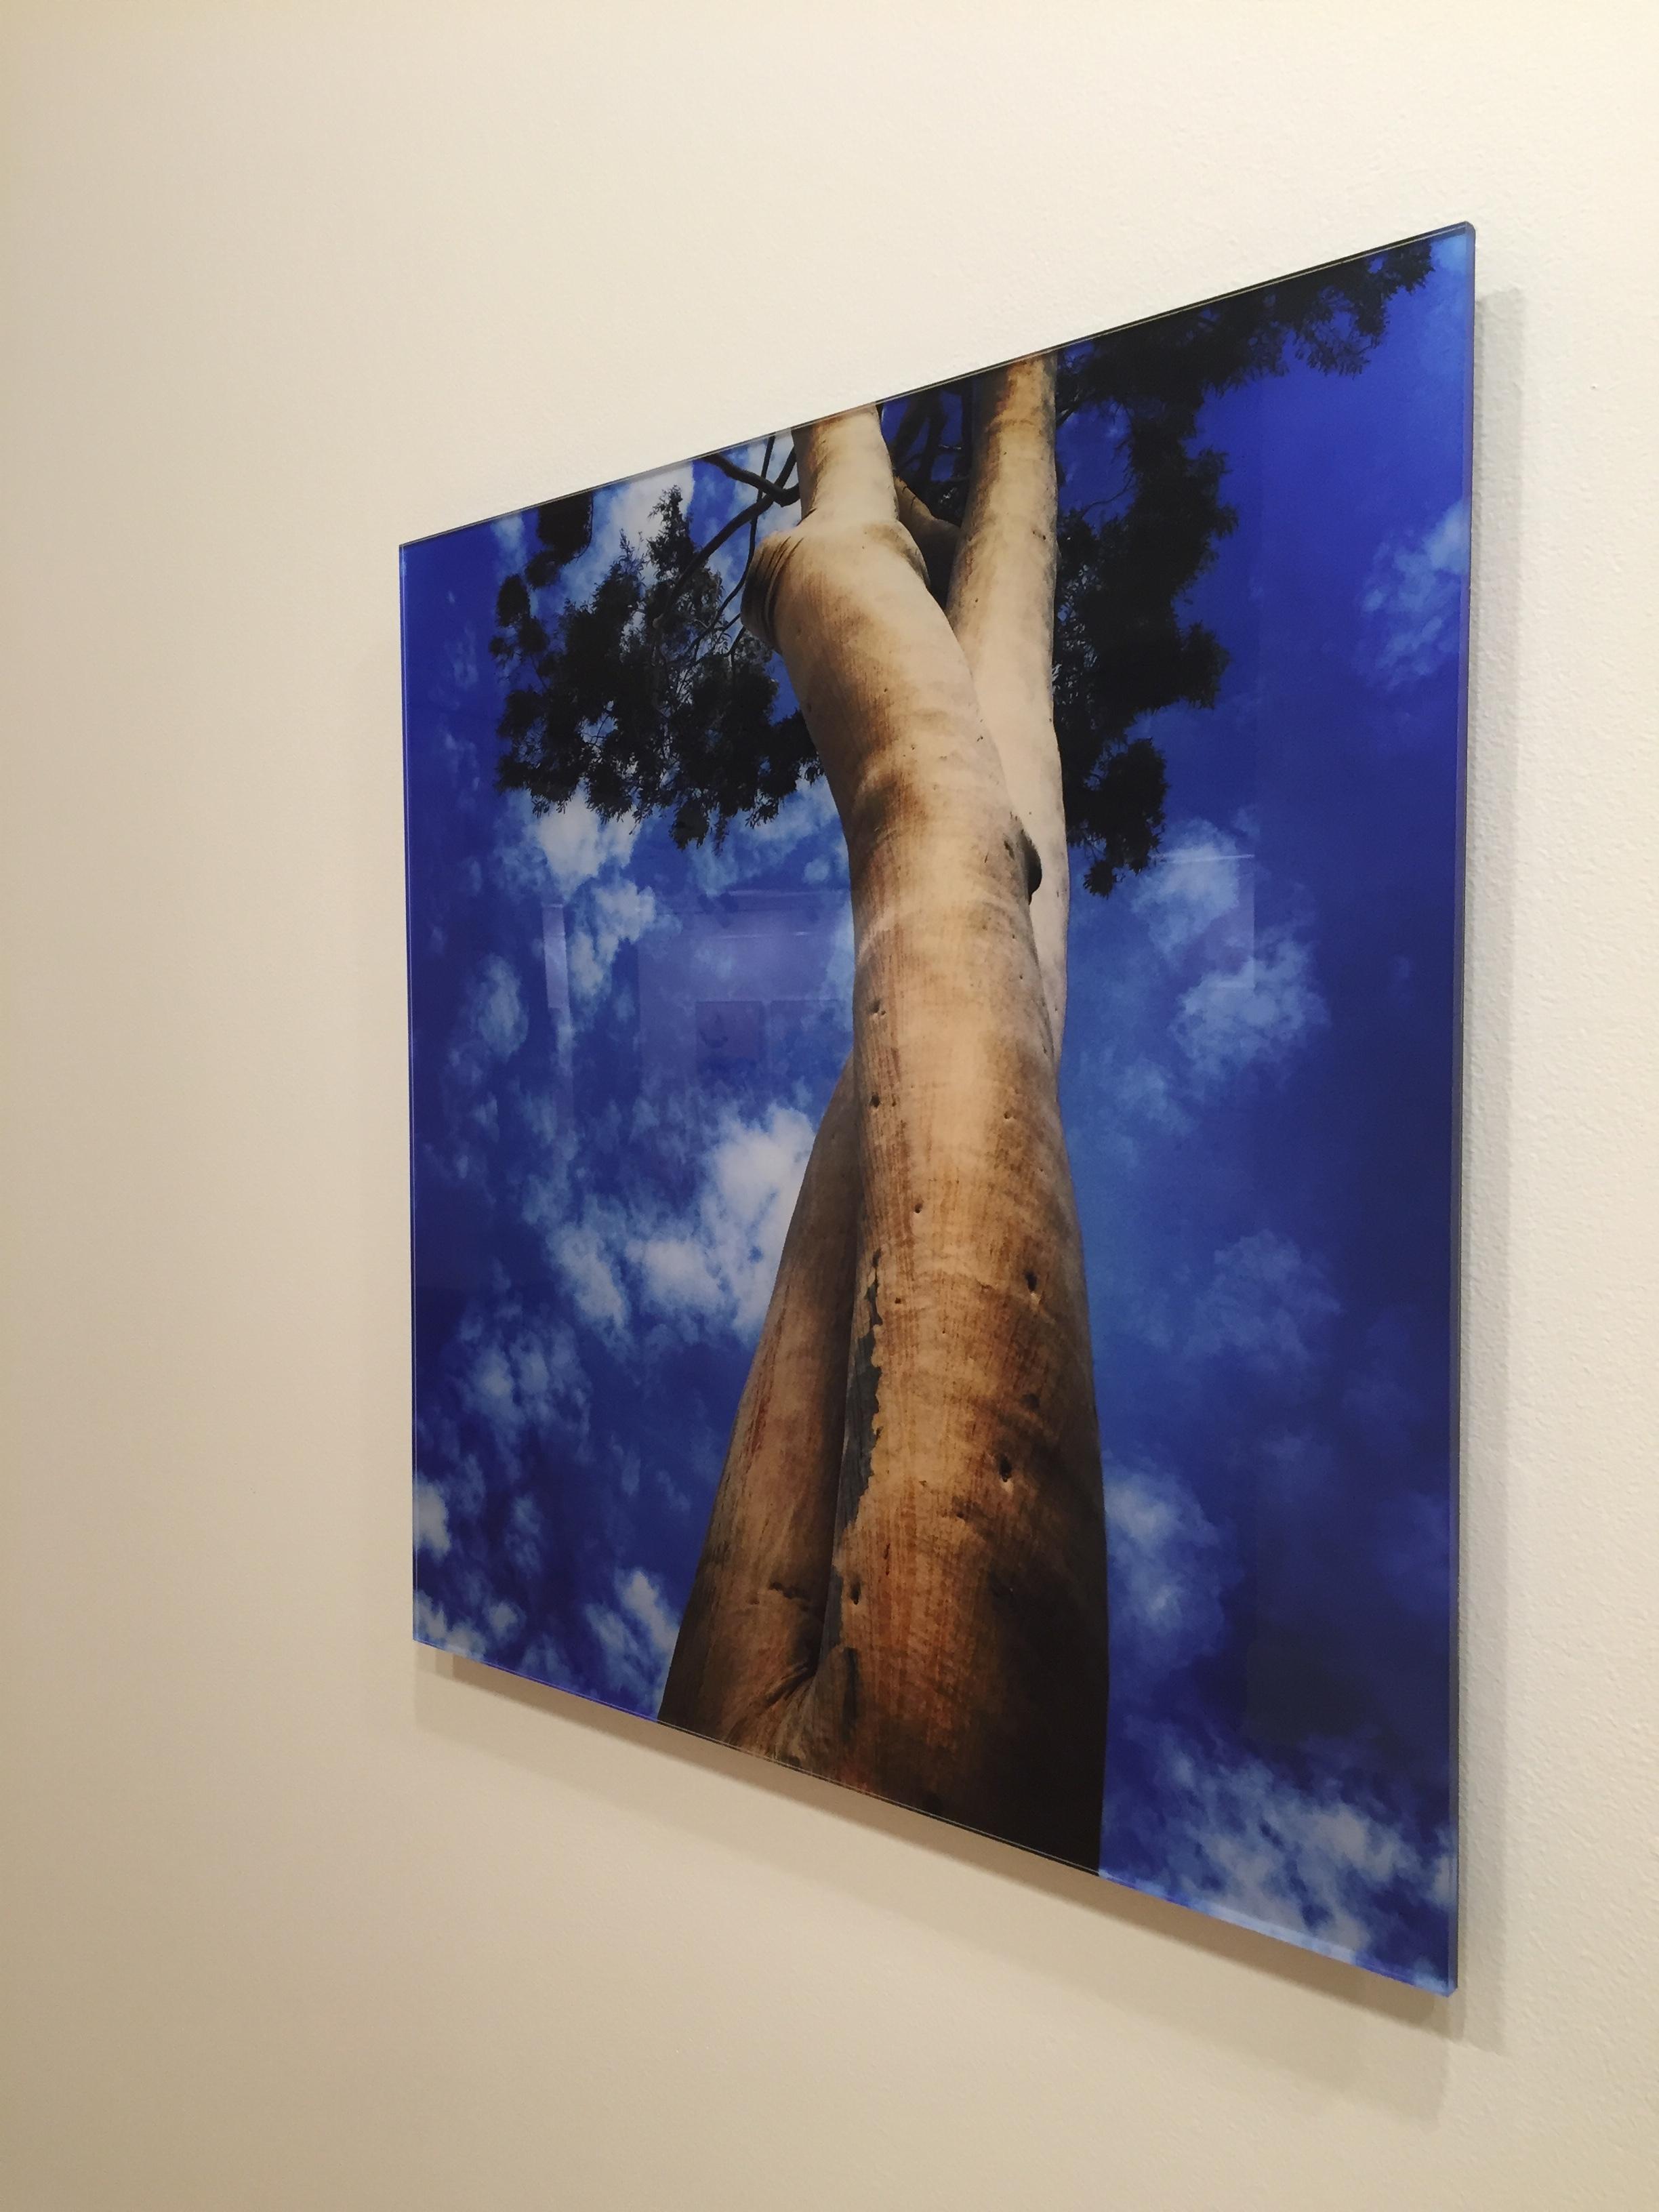 14. Tree Legs, $390